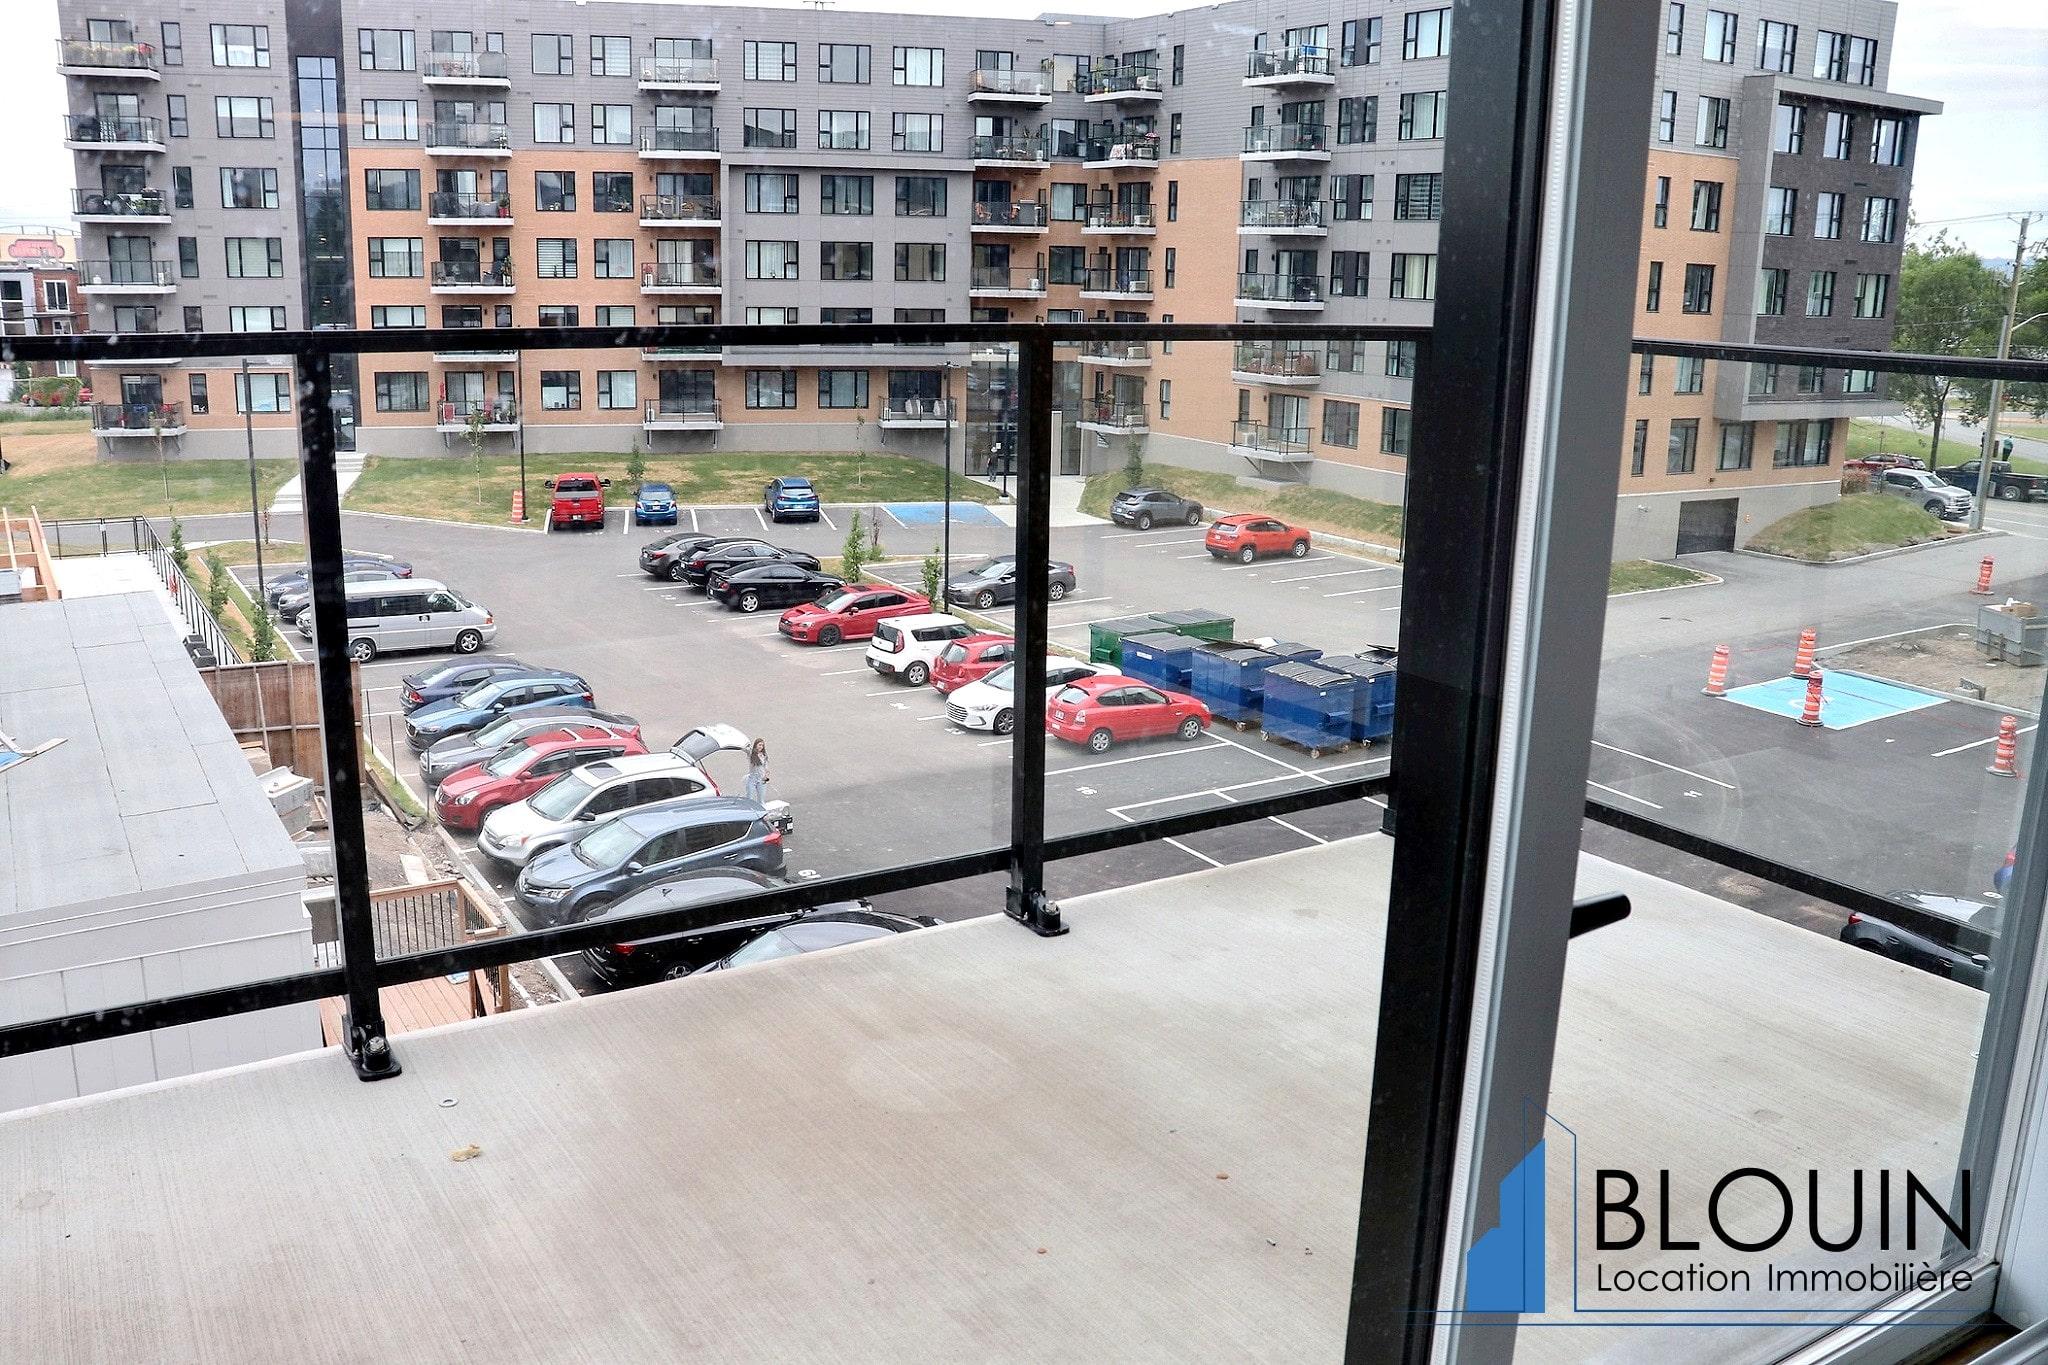 Photo 12 : 5 ½, Projet neuf Le Pivot, libre maintenant, eau chaude incluse & 2 stationnements